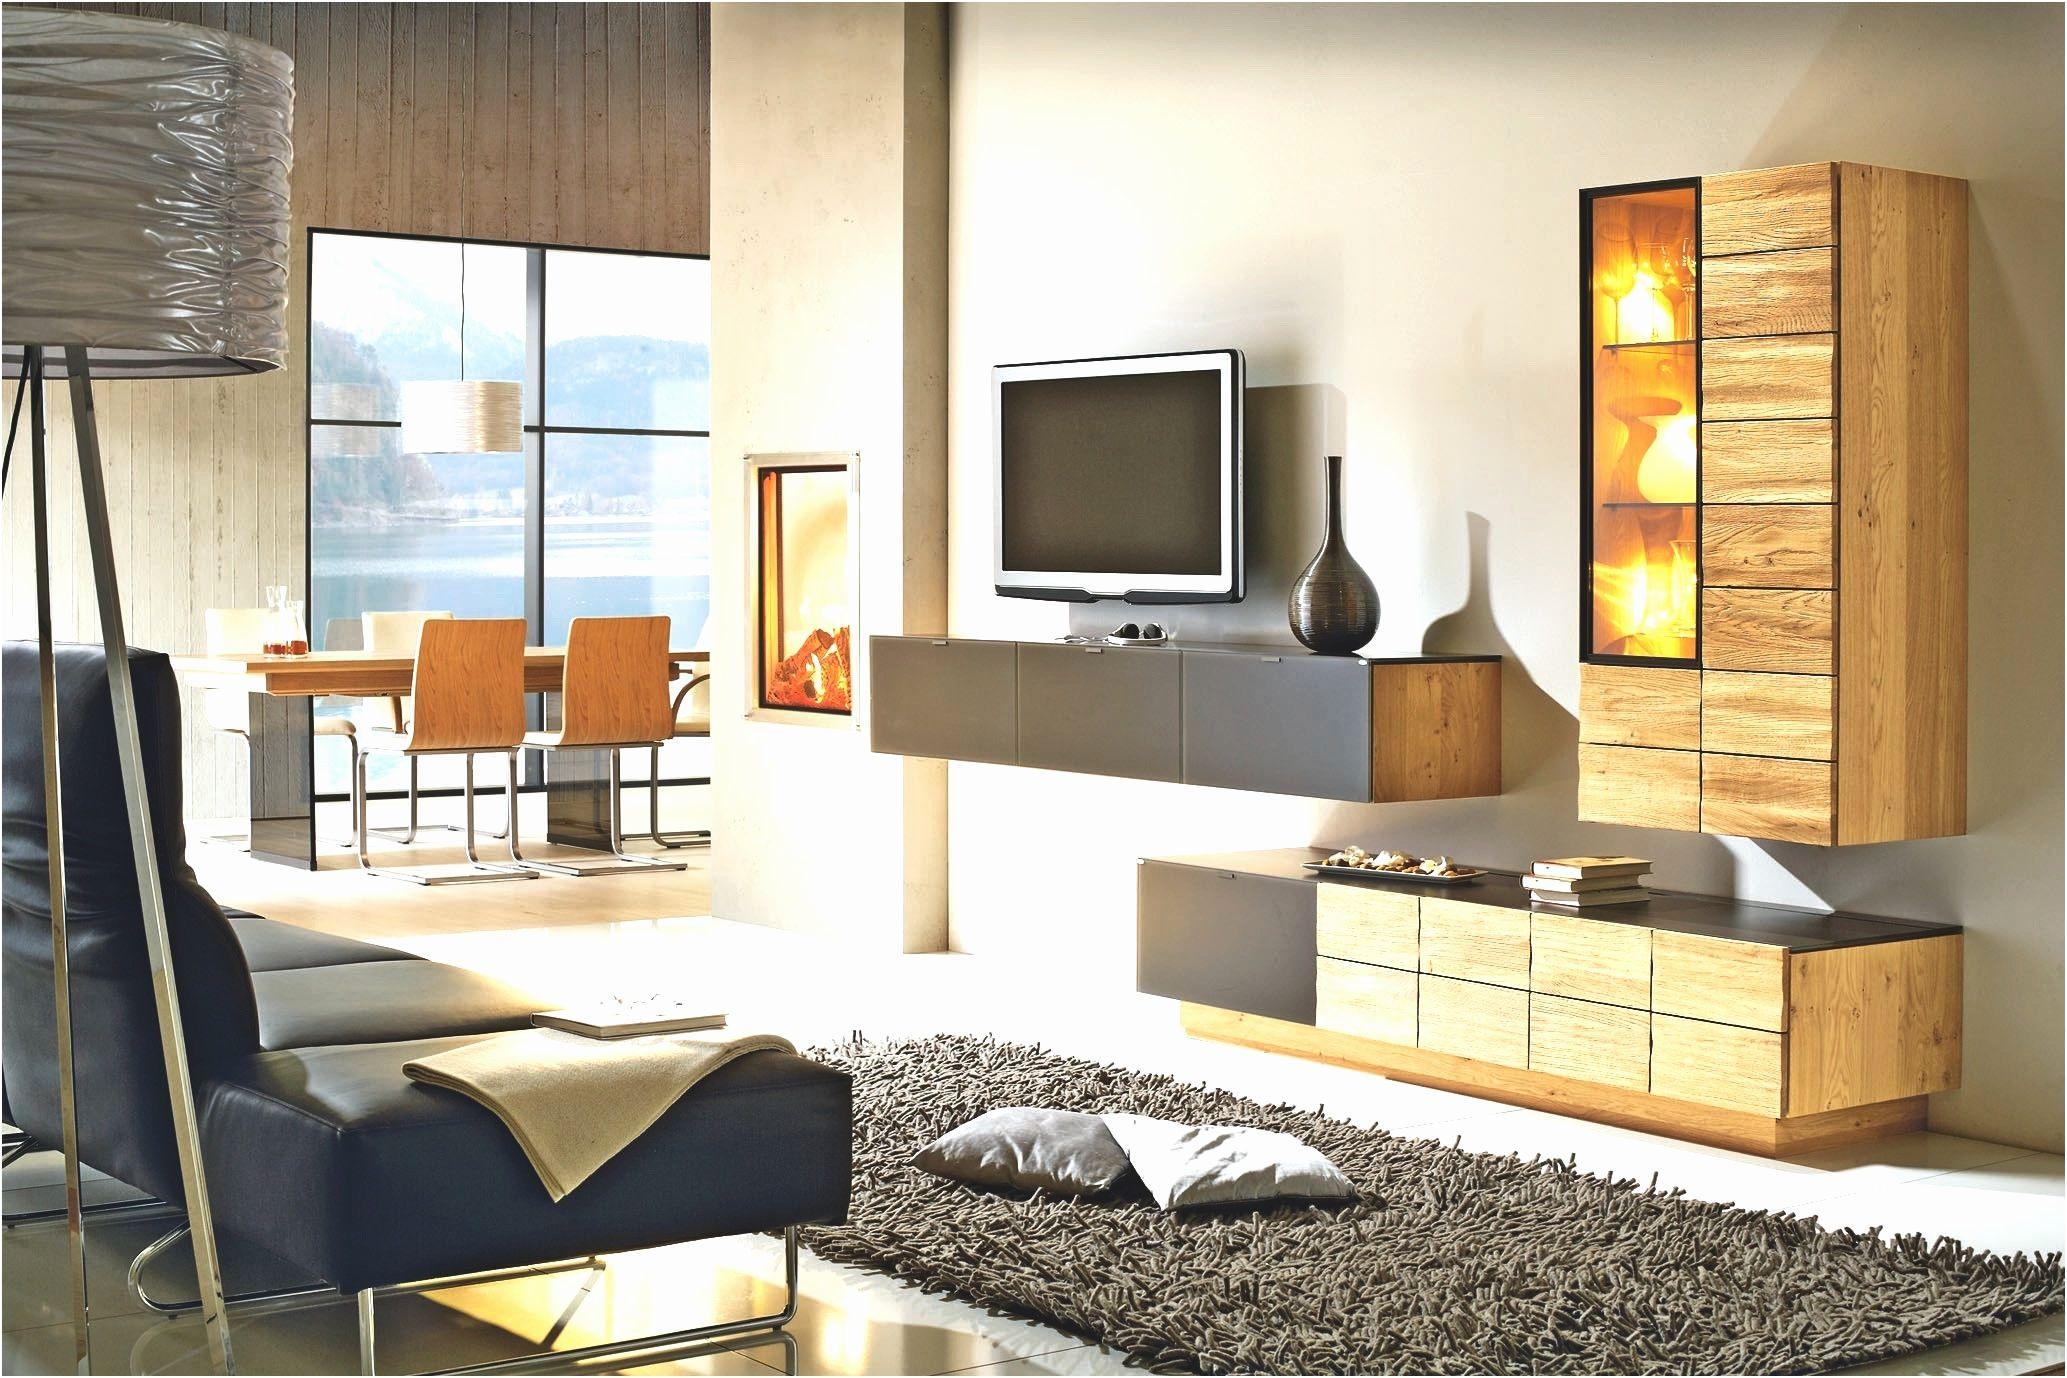 Kleine Wohnung Einrichten Tipps Und Ideen Wohnzimmer